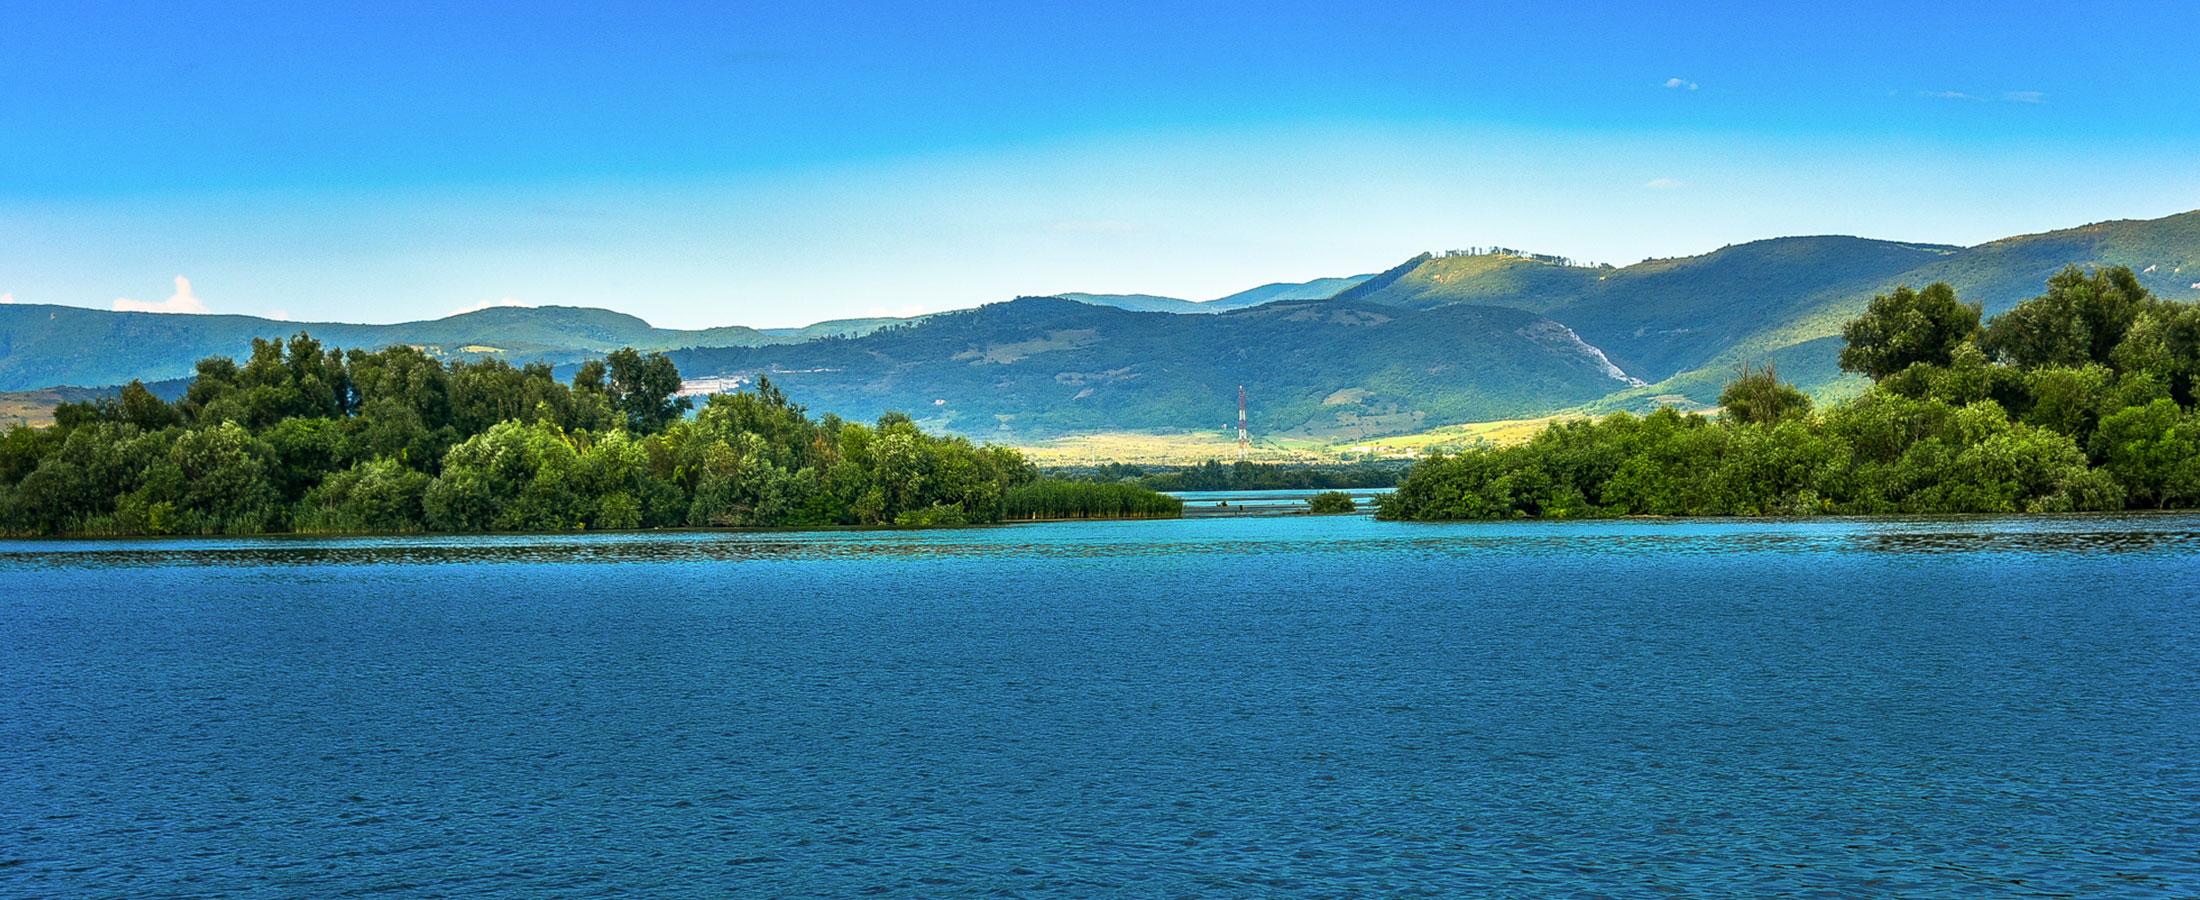 Panoramica-Ostrov-din-Moldova-Noua